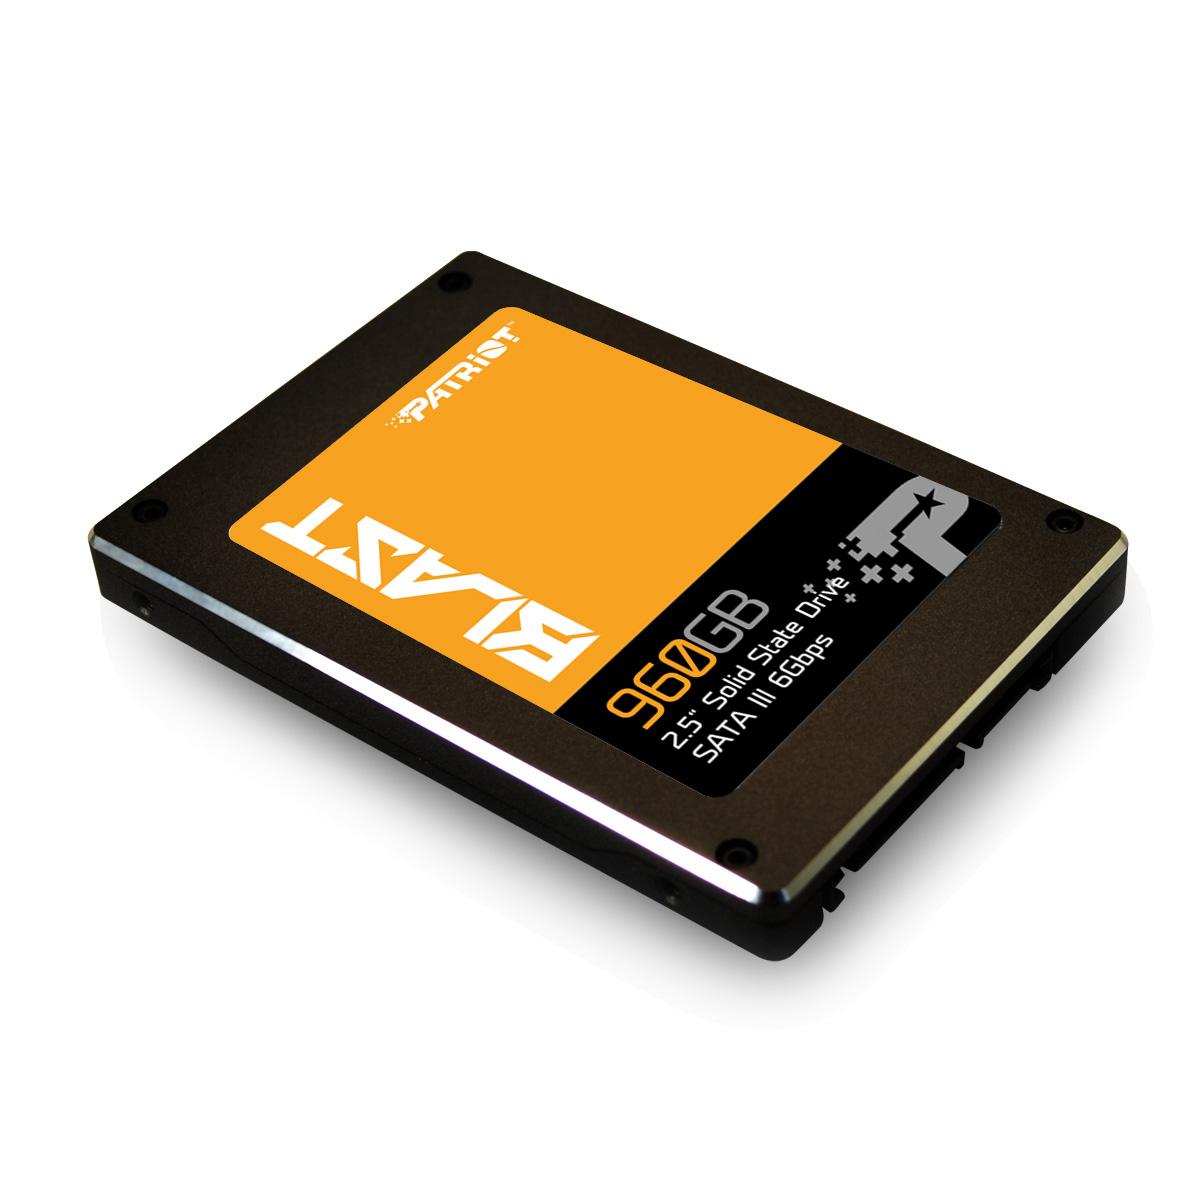 SSD 960GB PATRIOT Blast  560/540MBs 100K